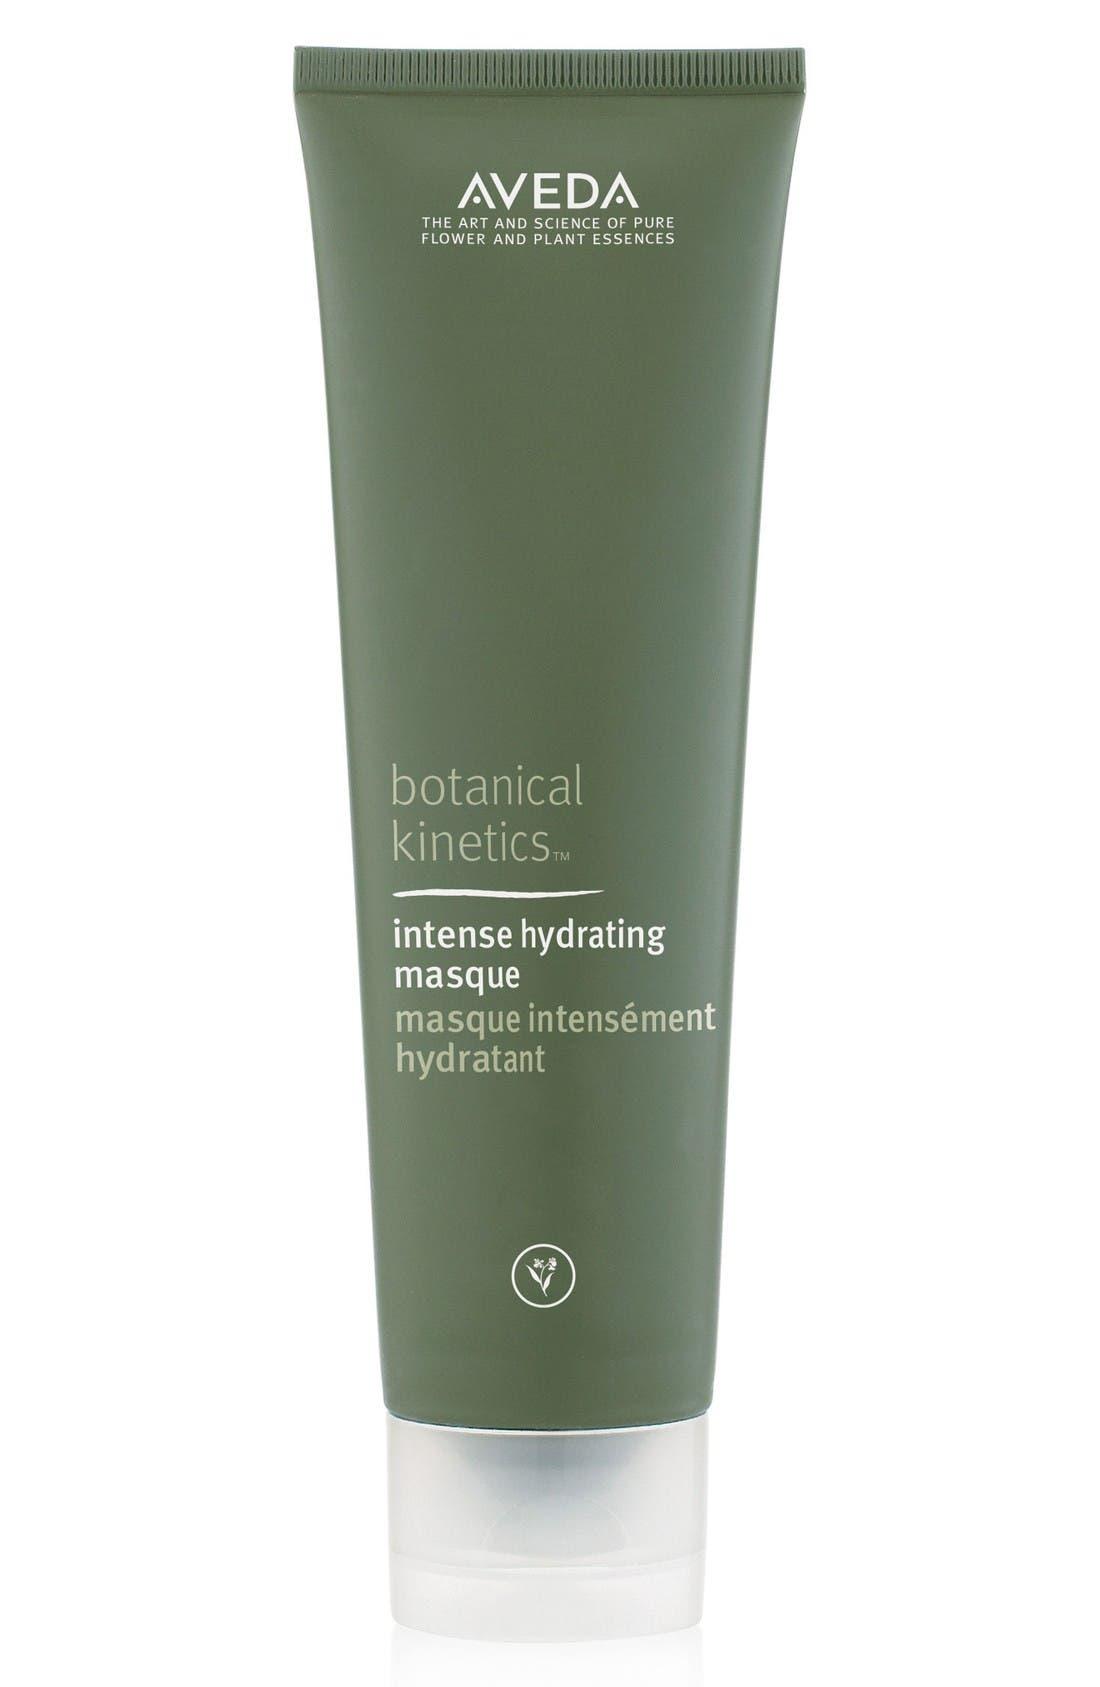 Alternate Image 1 Selected - Aveda botanical kinetics™ Intense Hydrating Masque